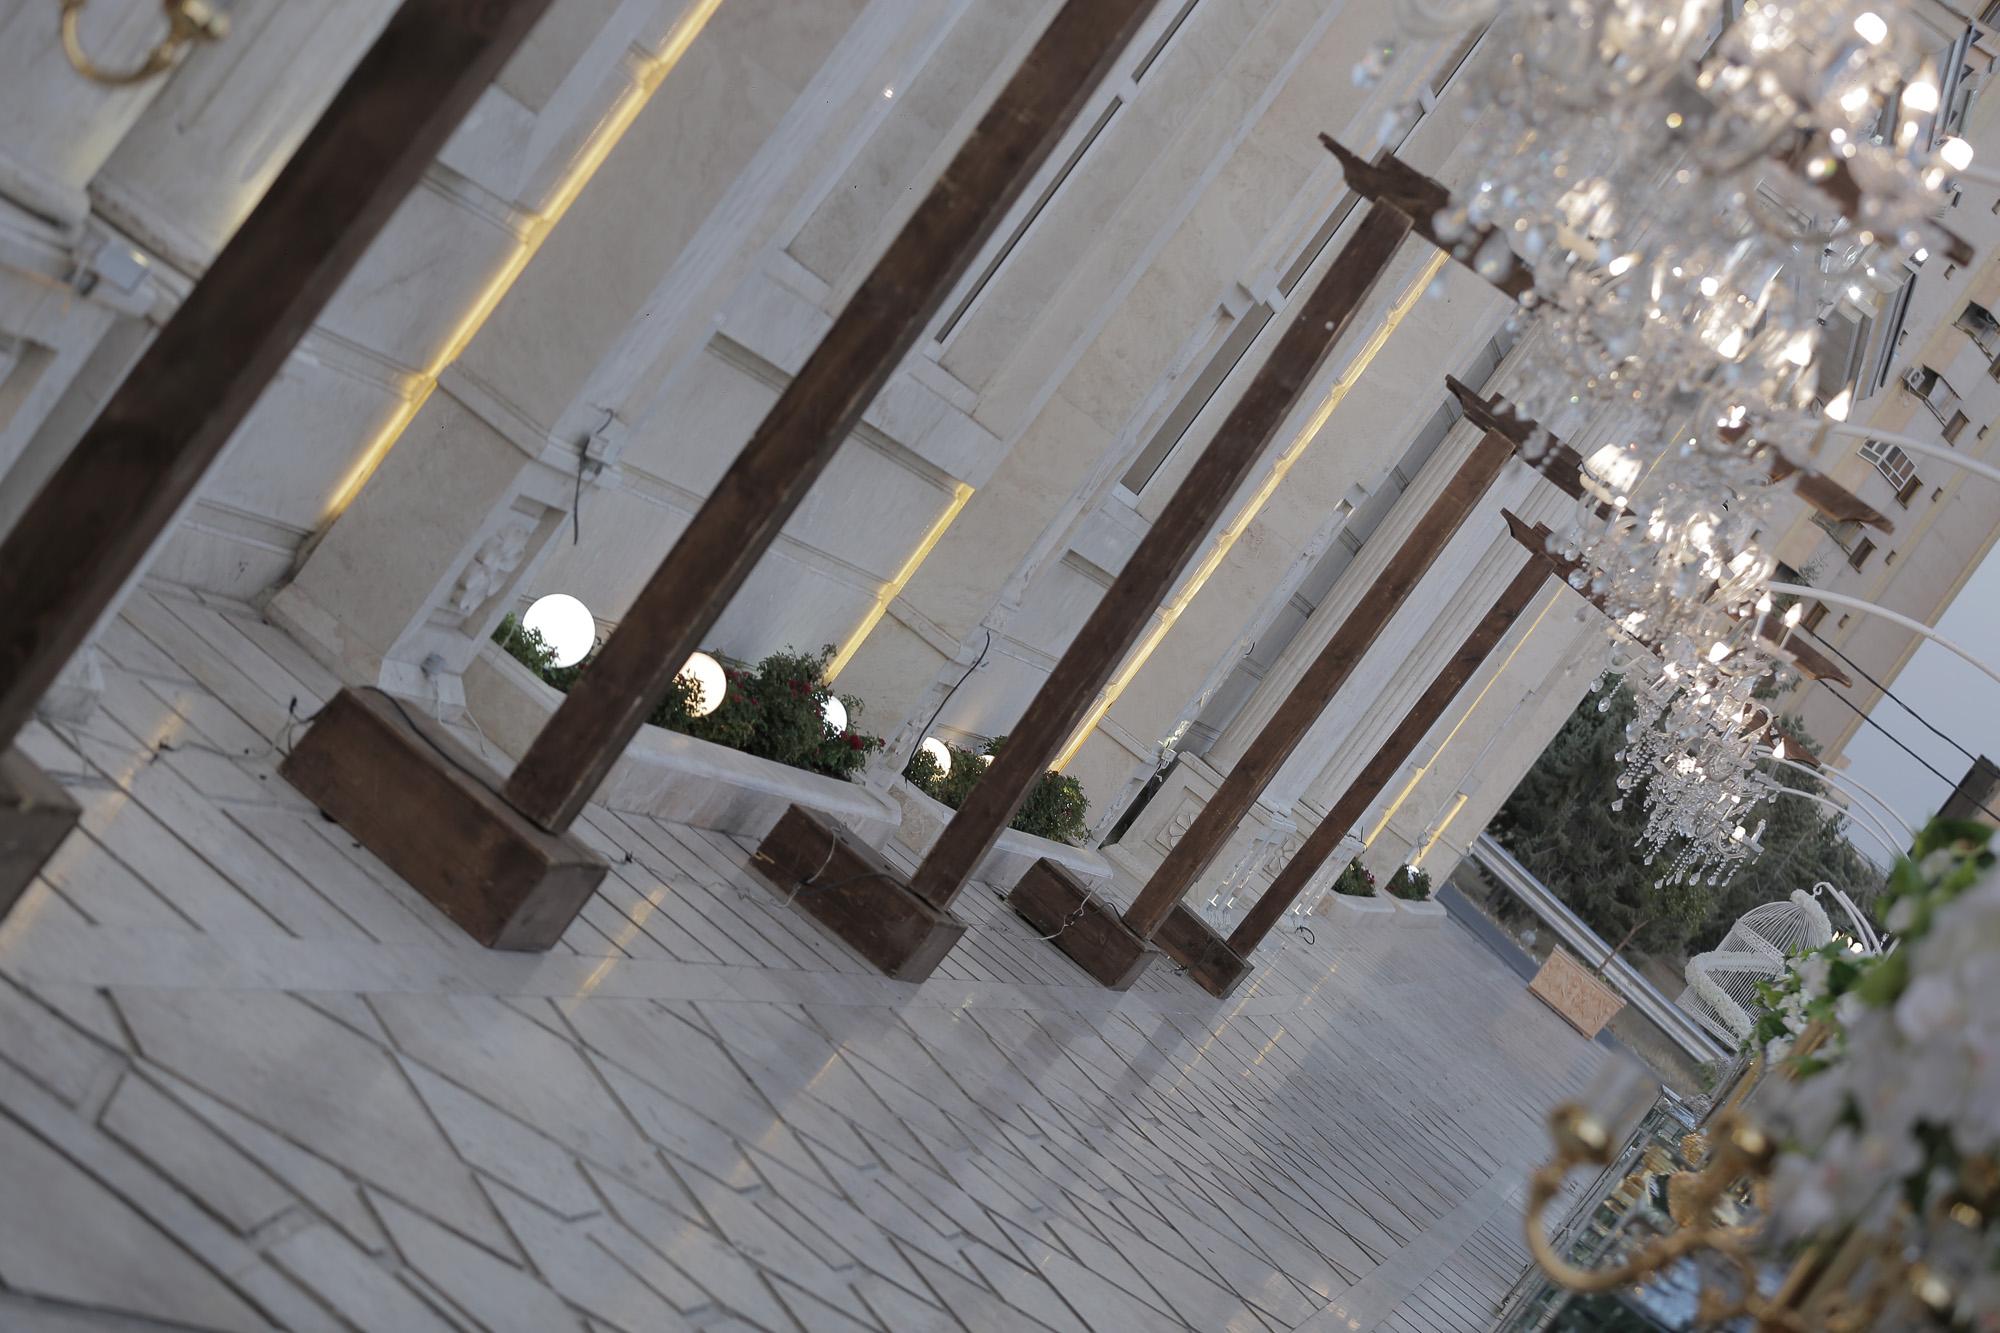 نمای ورودی عمارت در روز